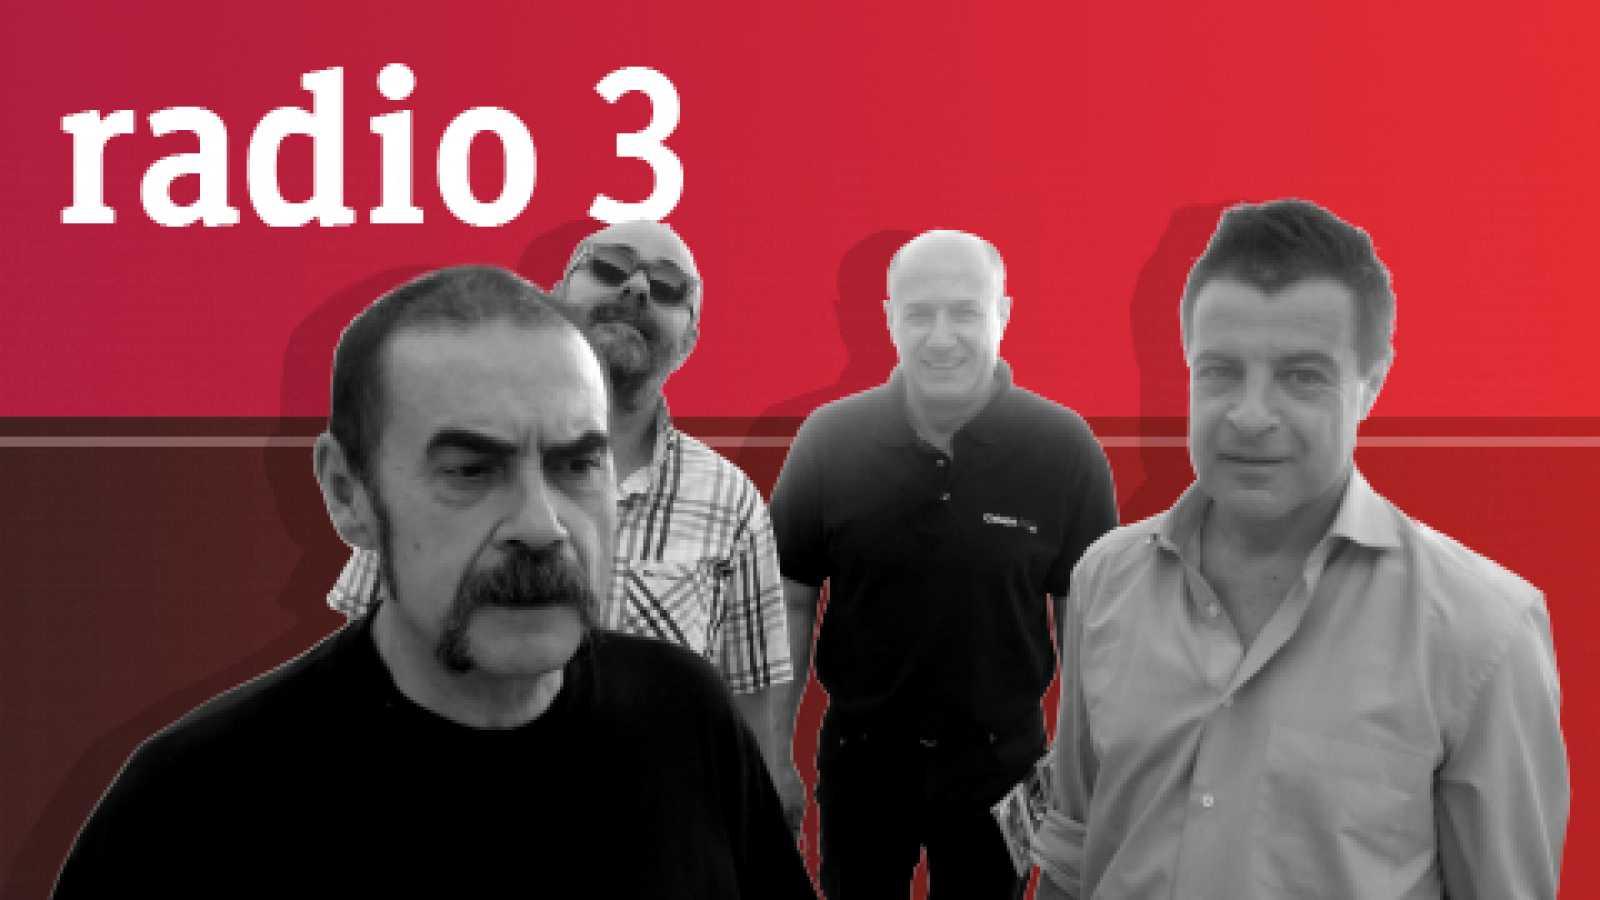 Sonideros: Kiko Helguera & Rodolfo Poveda - Cosmopolitan - 30/09/18 - escuchar ahora